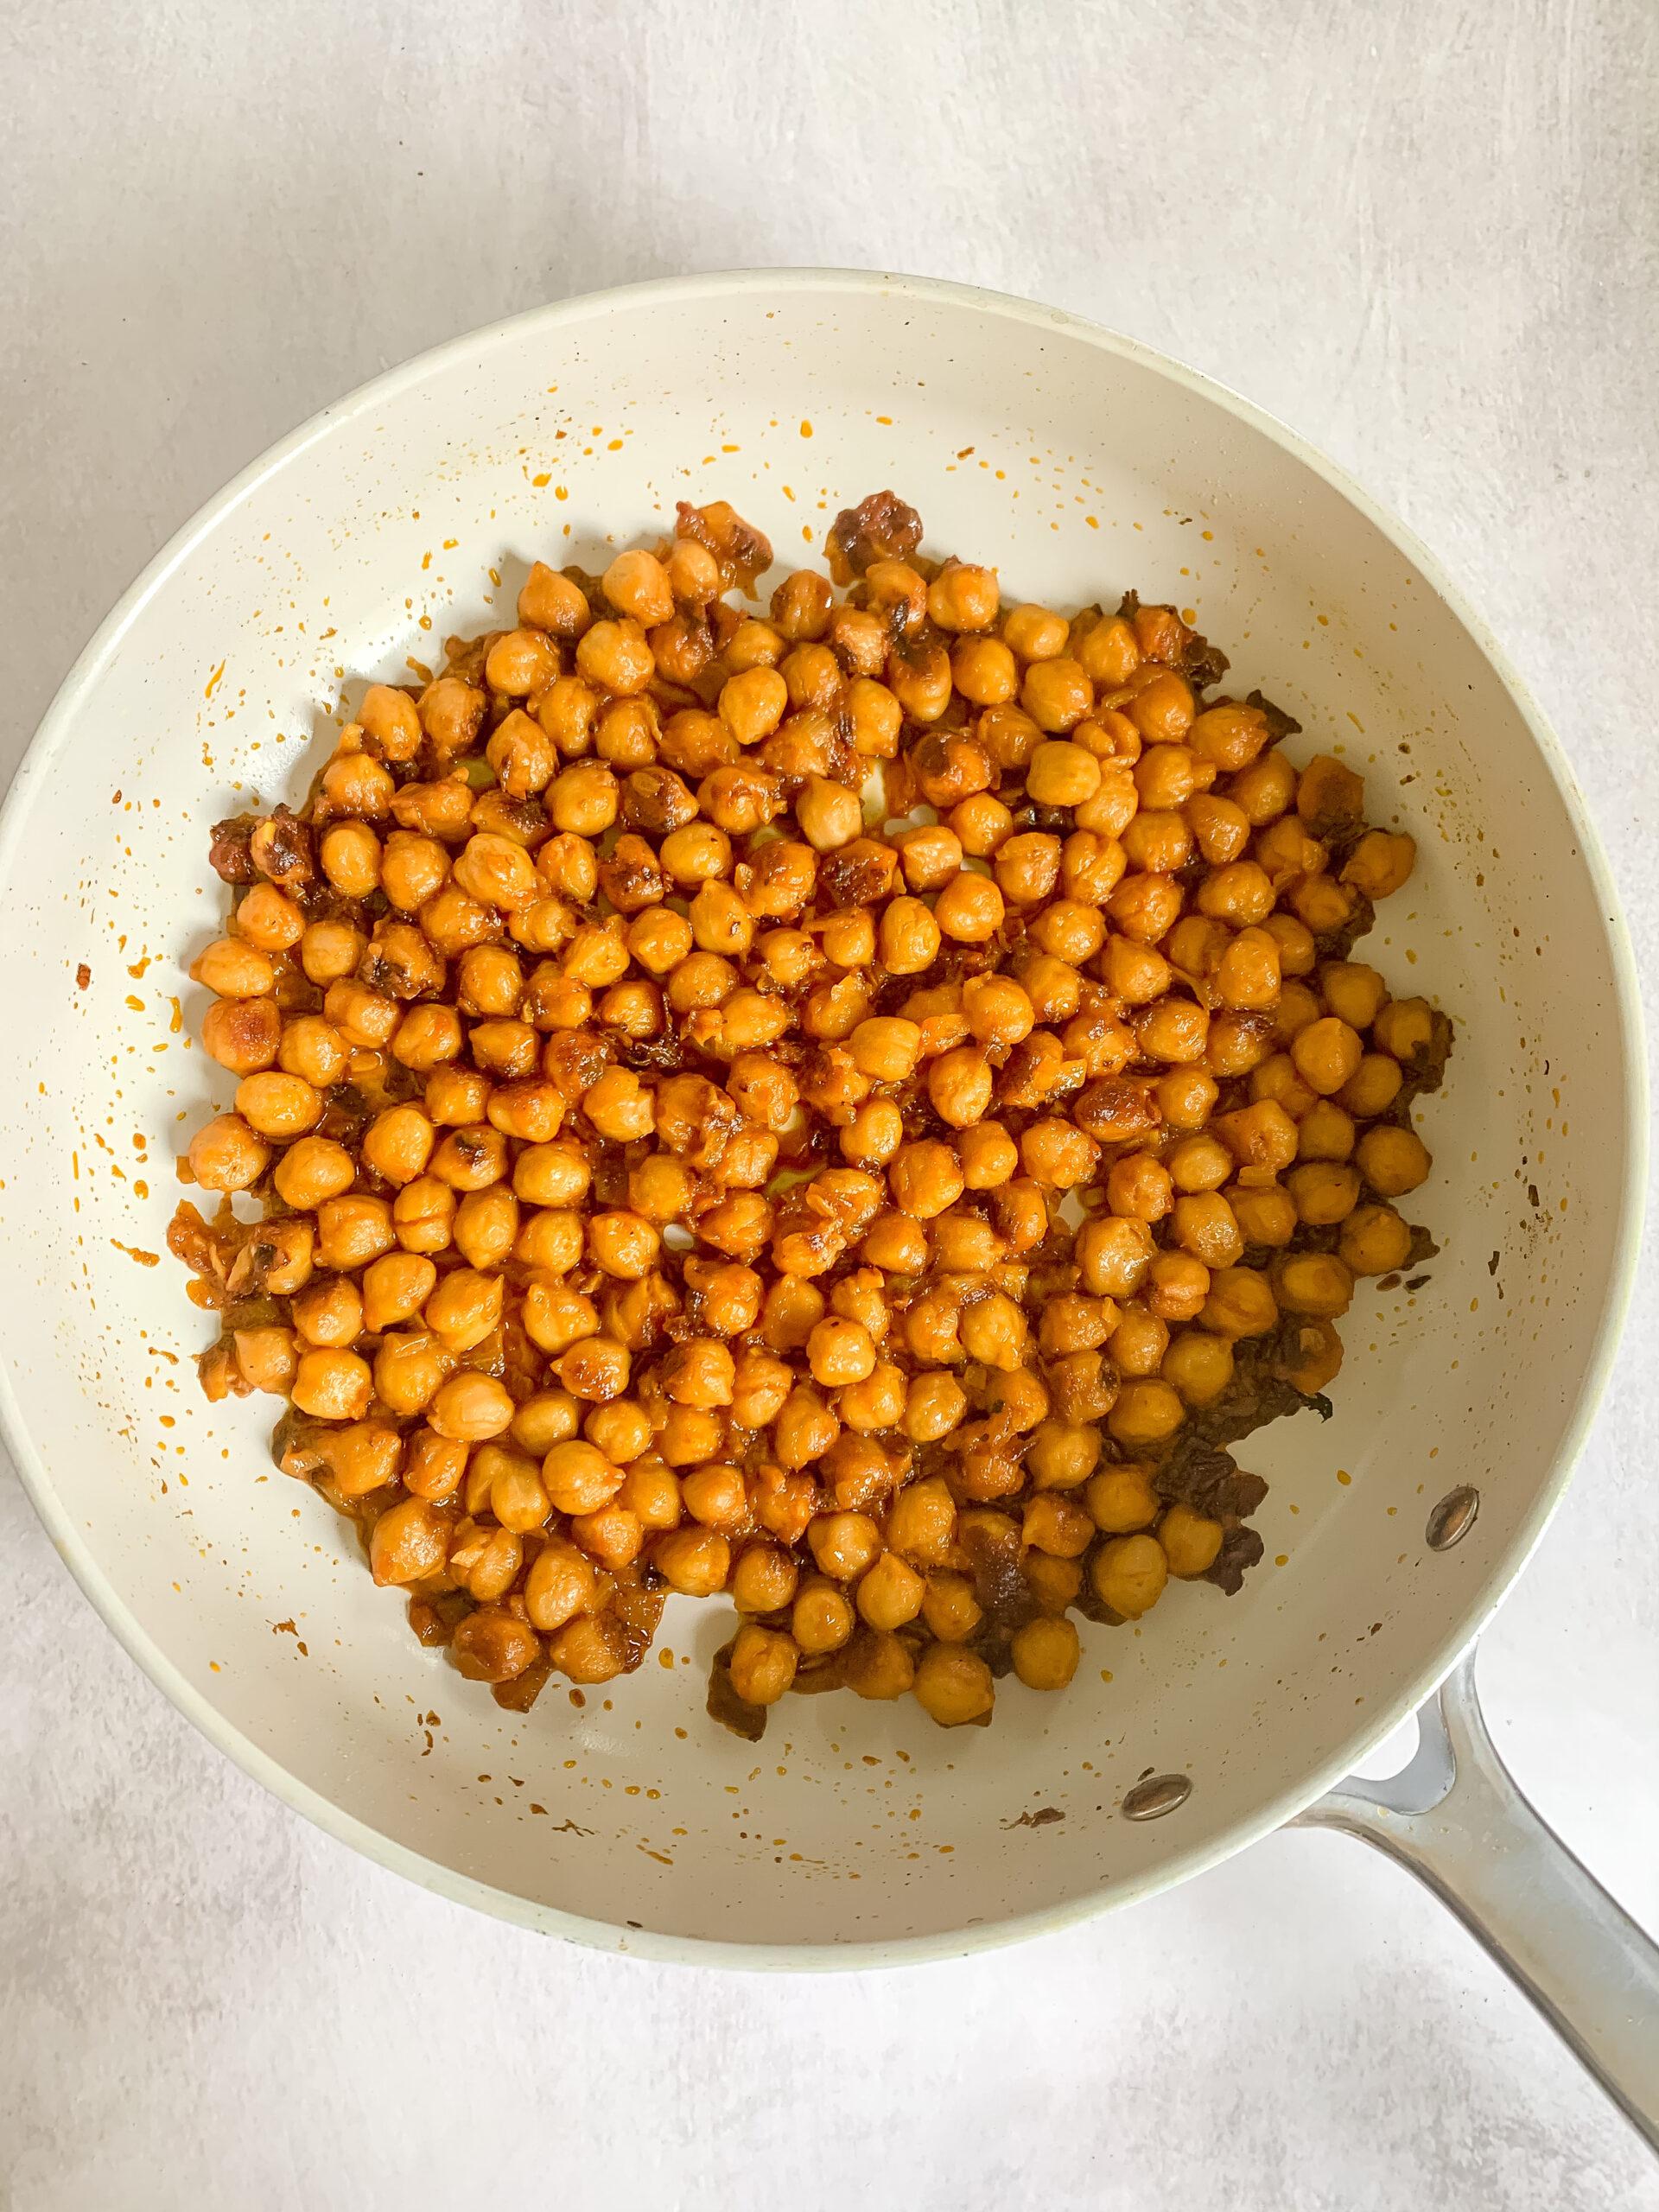 Saucy Coconut Spiced Chickpeas (Vegan, Gluten Free)